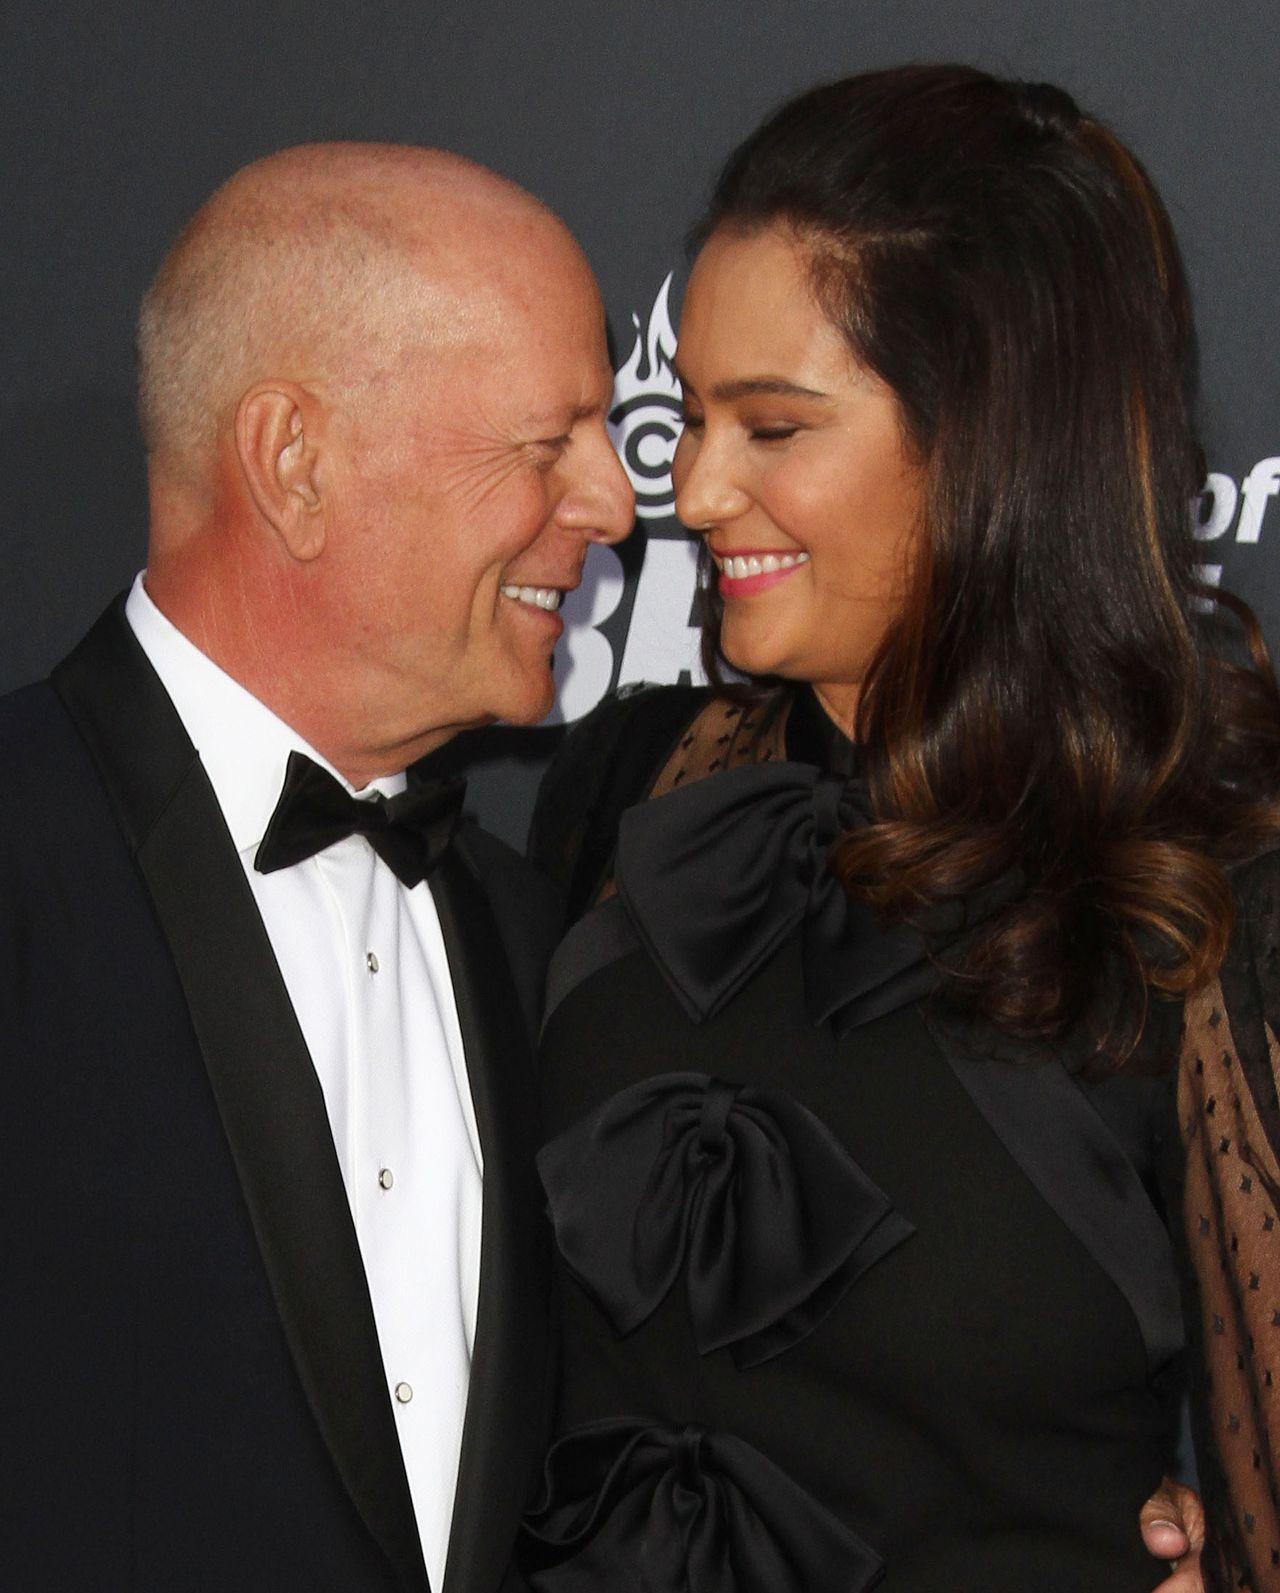 Jak czas i PIENIĄDZE zmieniły córki Bruce'a Willisa i Demi Moore (ZDJĘCIA)